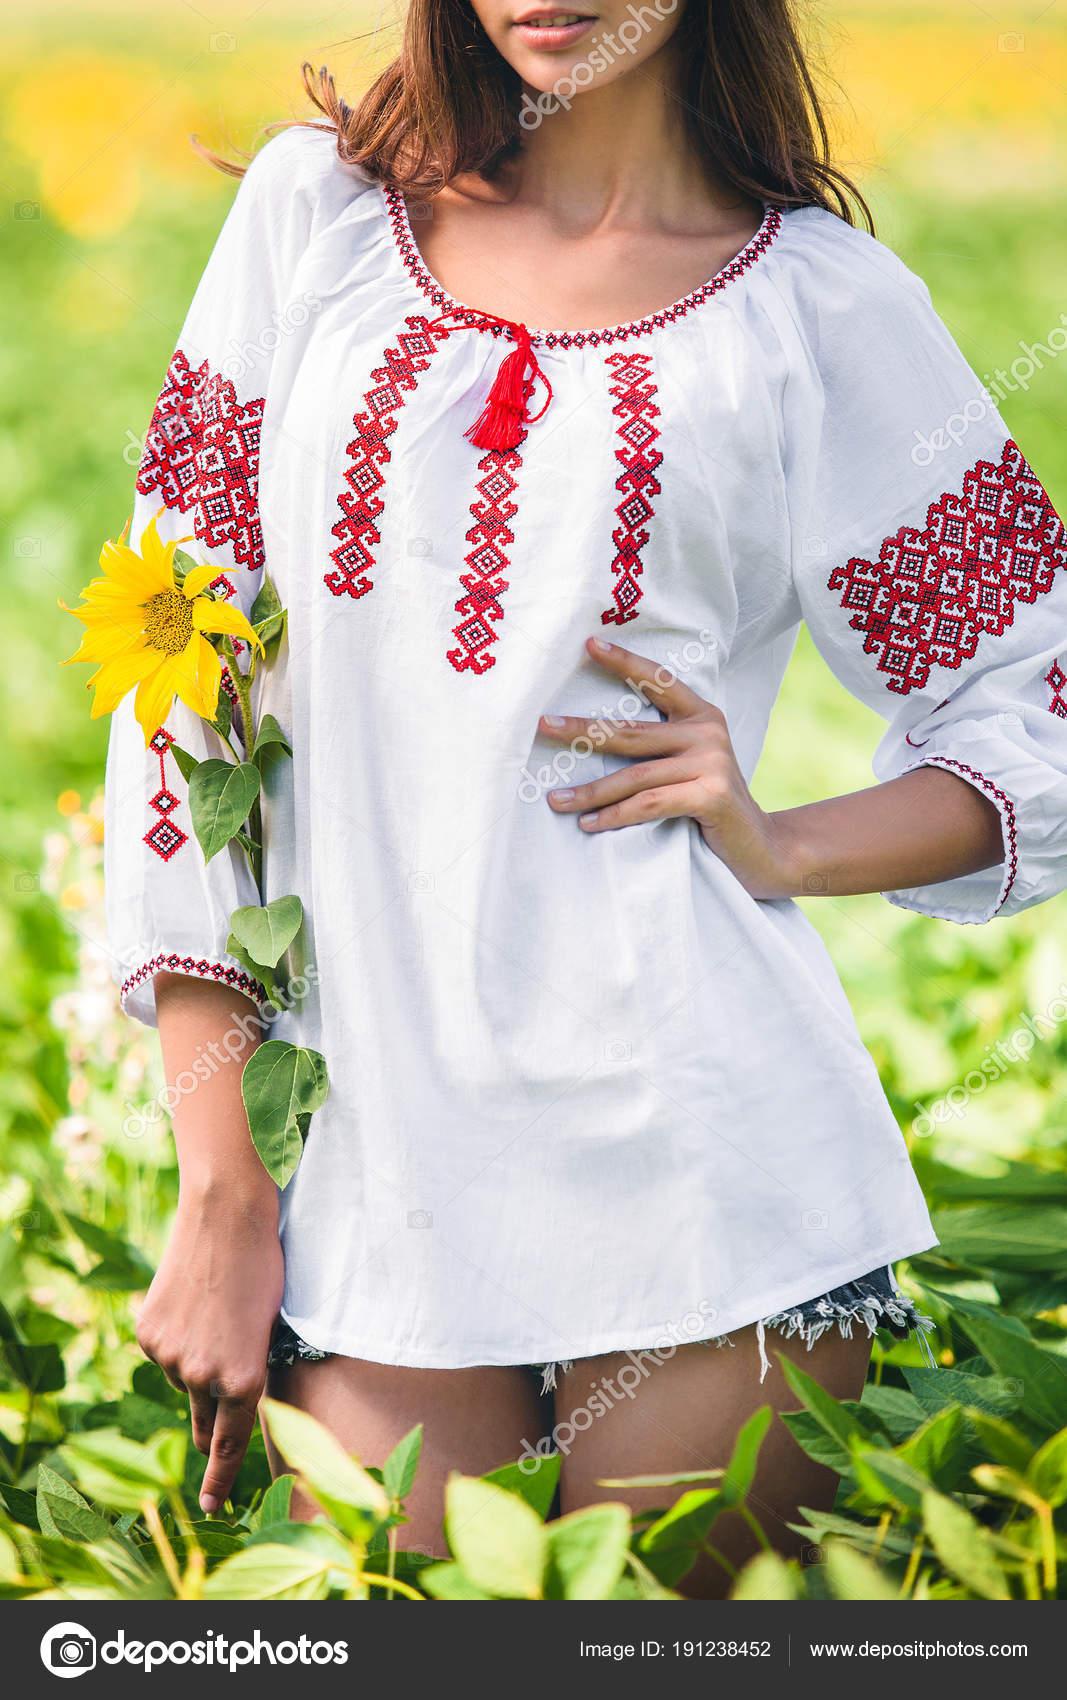 Manos bajo la blusa | Chica Encuentra Blusa Bordada Sostiene Girasol ...